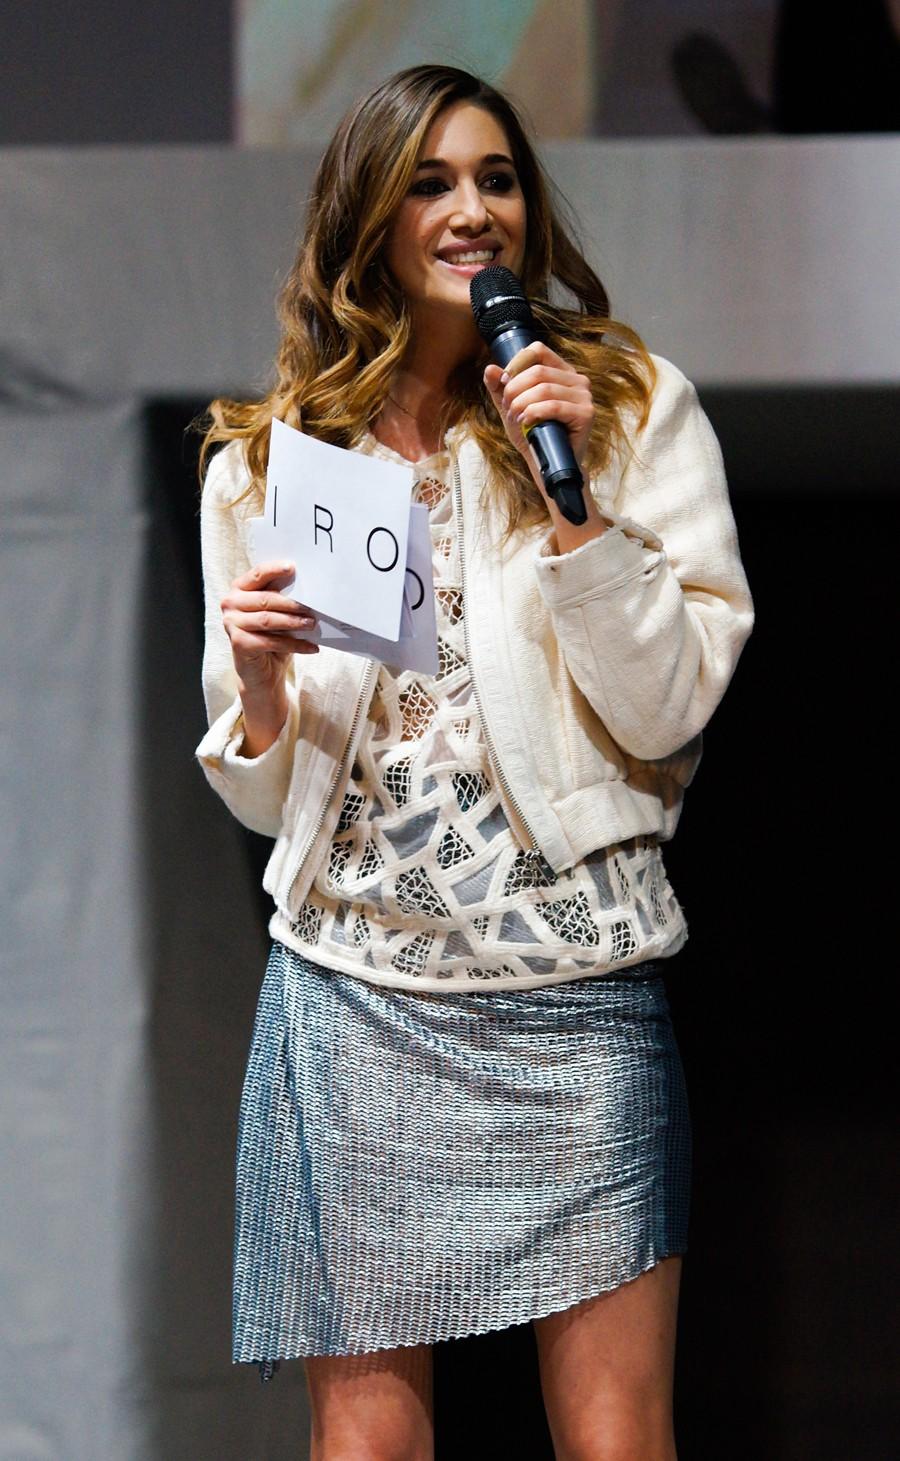 Bianca Gubser